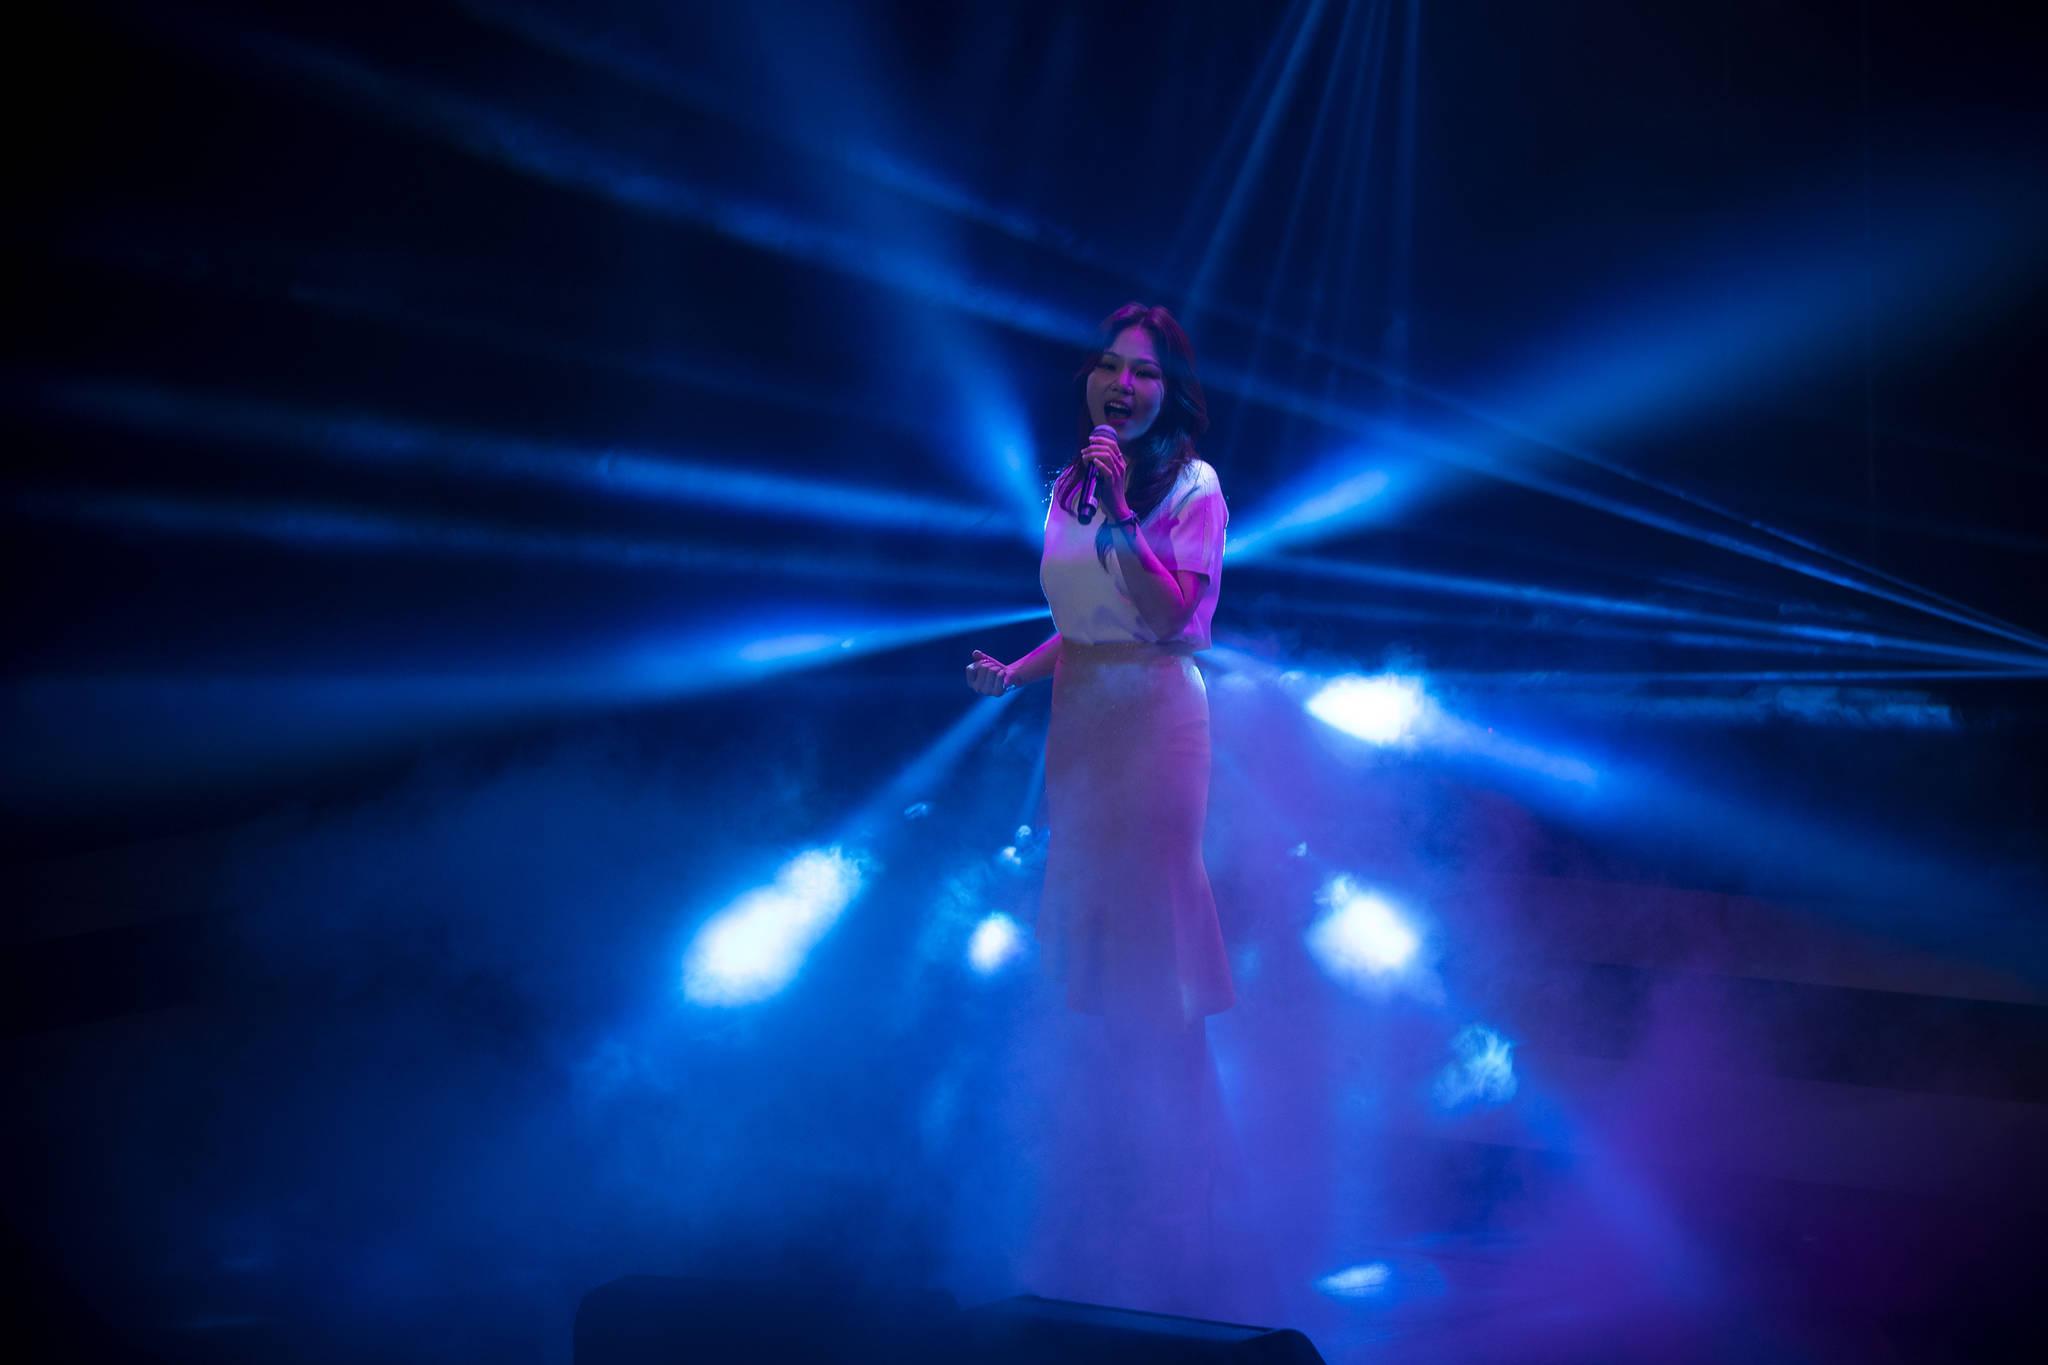 제11회 루게릭 희망콘서트에서 가수 알리가 공연하고 있다. 박종근 기자